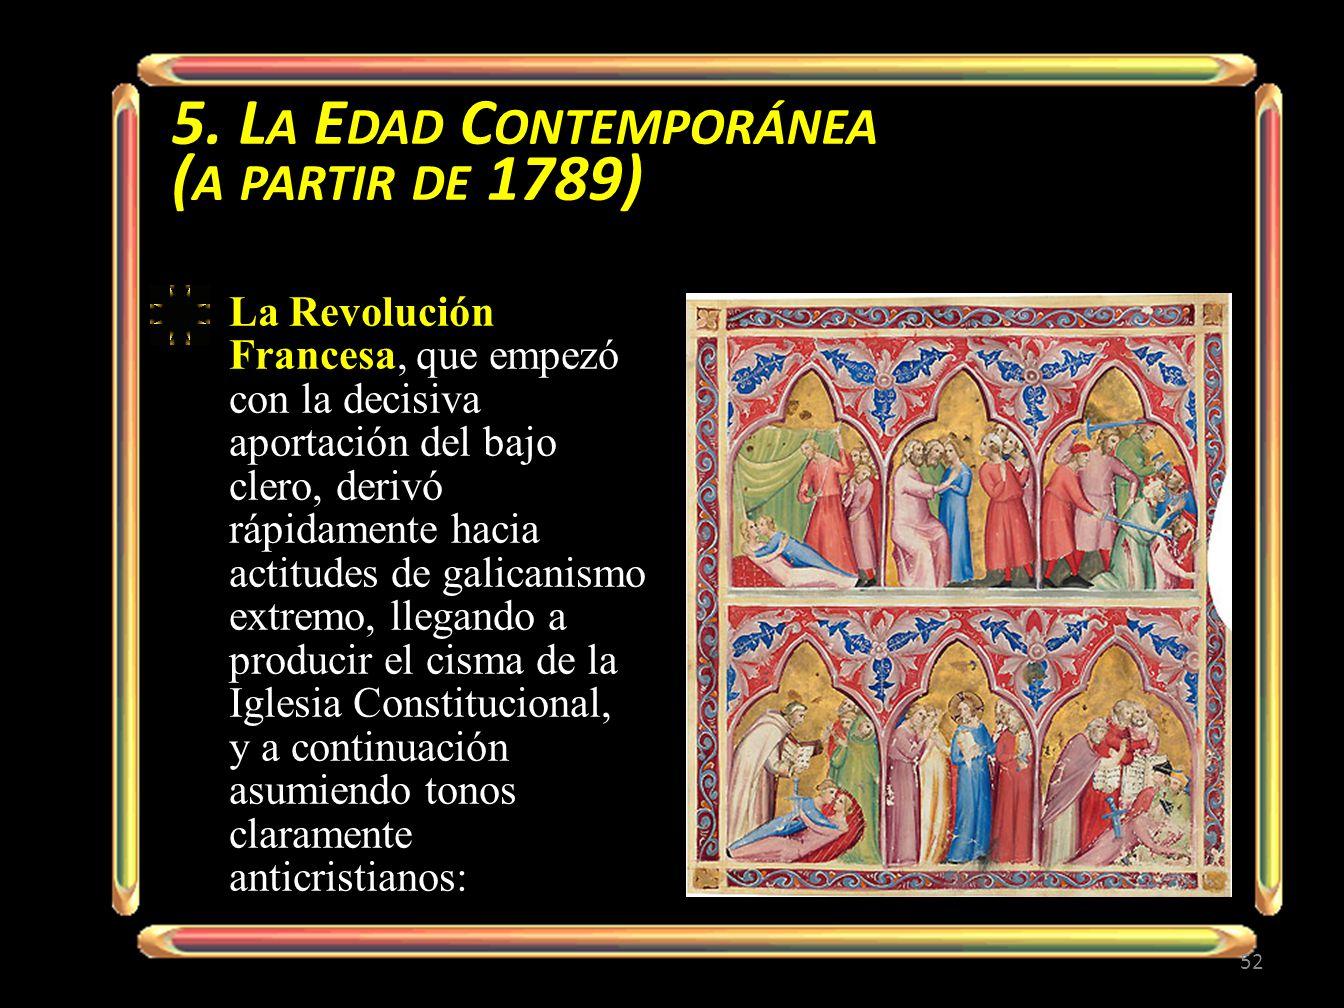 5. La Edad Contemporánea (a partir de 1789)